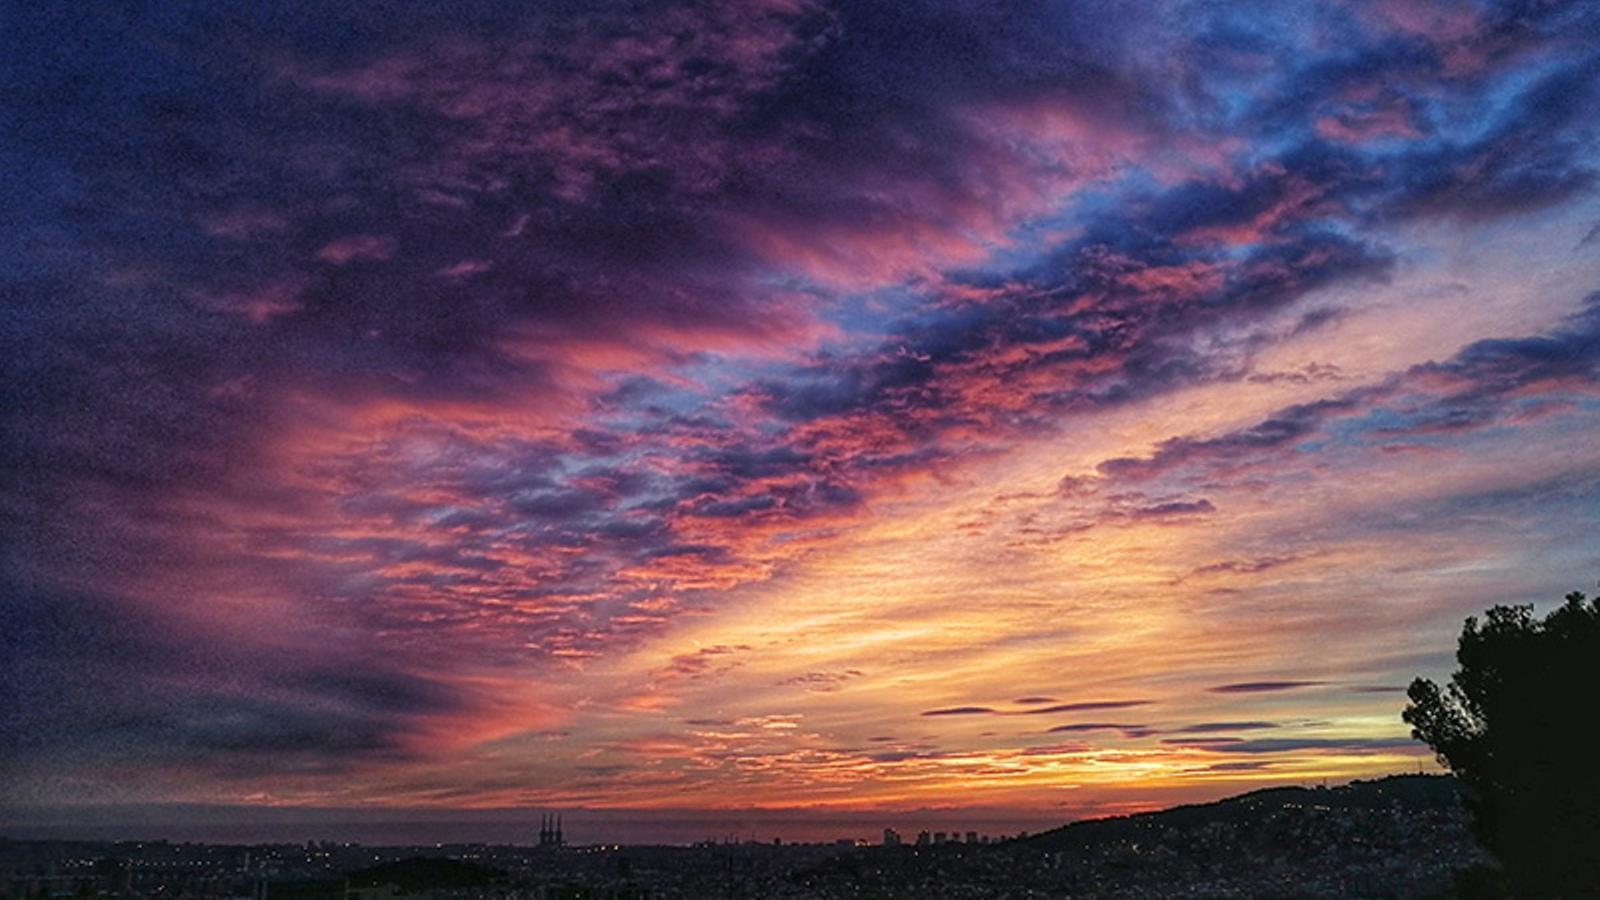 Les vostres captures de la posta de sol i de l'albada més fotografiades de l'any